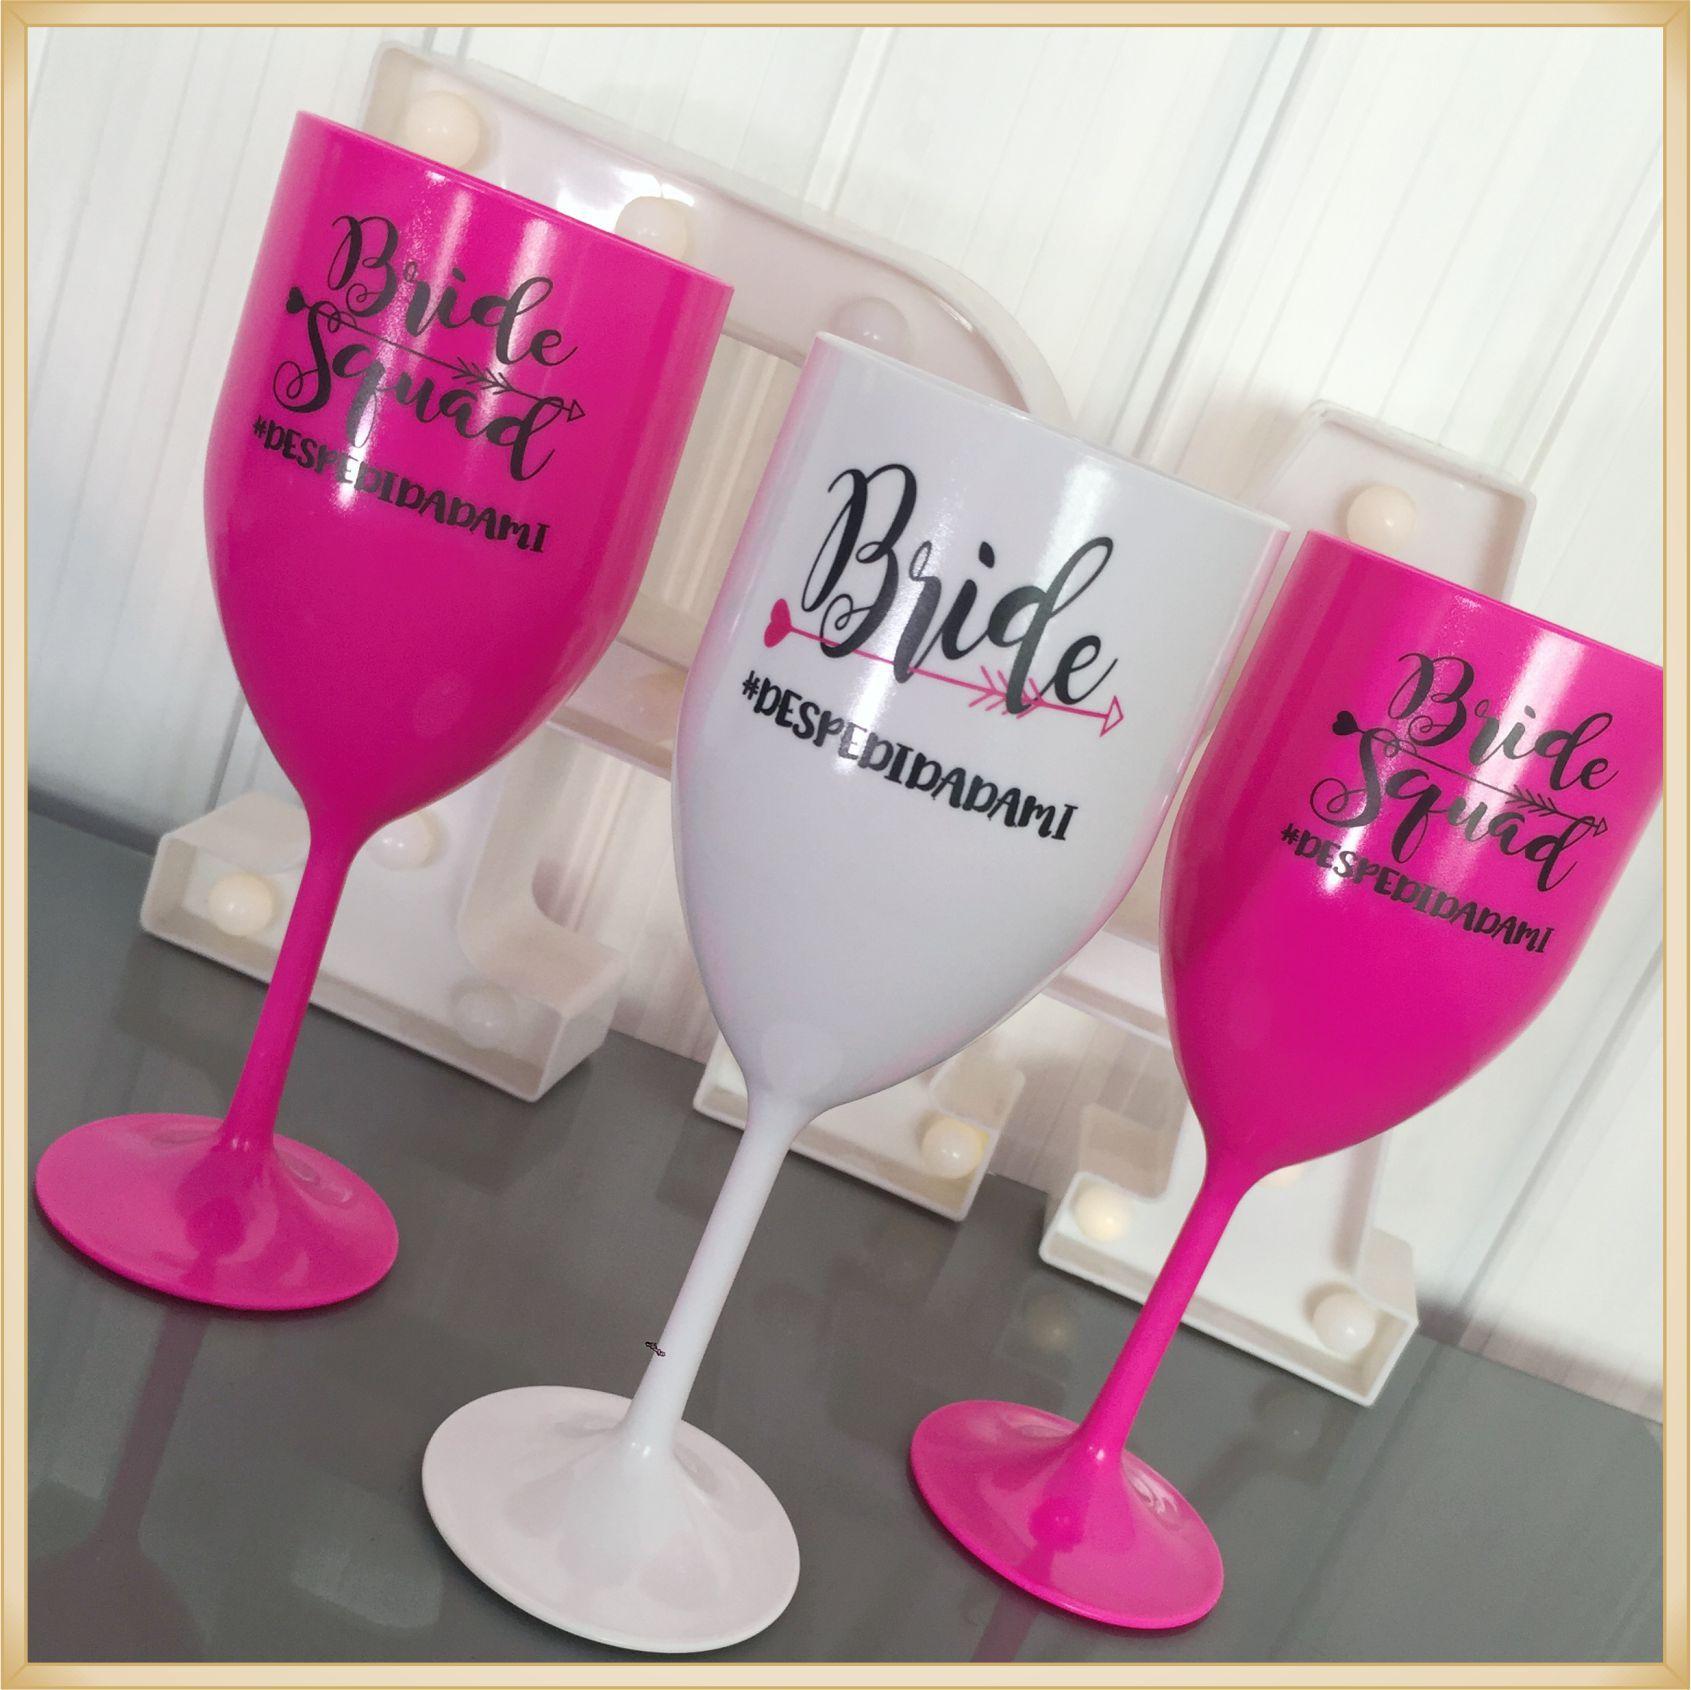 Taças de vinho acrílico Personalizadas - estampas de qualidade, brilhante e durável, acabamento perfeito, parede de 2,0 mm, 350 ml. kit 50 unidades